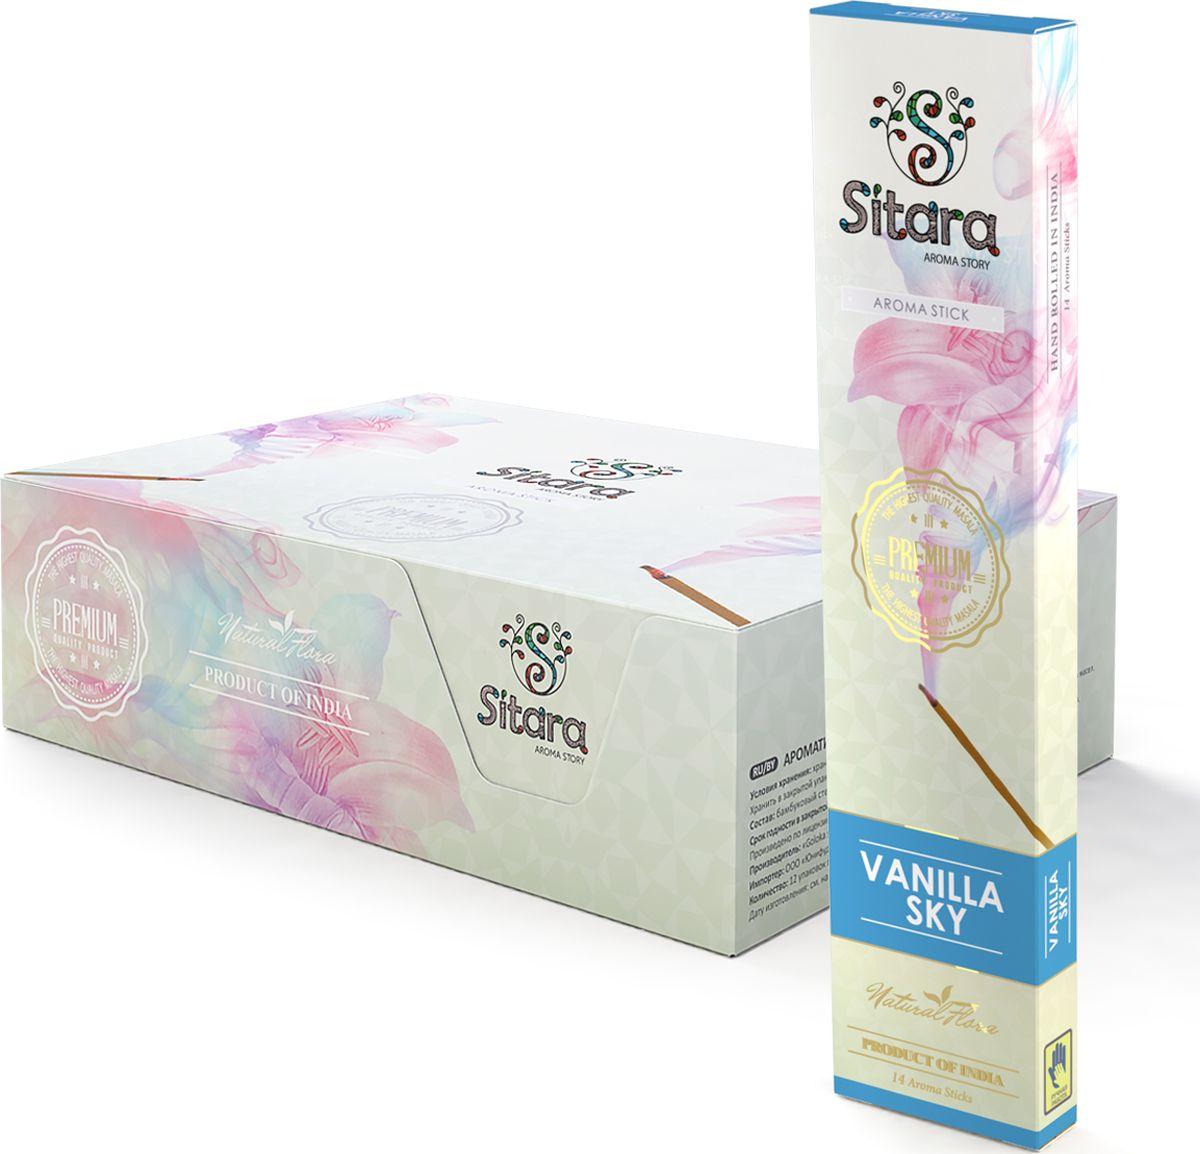 Ароматические палочки Sitara Premium Vanilla sky, 14 палочек10311Сладкий и проникновенный аромат ванили ароматических палочек Sitara Premium Vanilla sky погрузит вас в бездну радужных воспоминаний и нежных чувств. Подарит вам хорошее настроение, расслабит и улучшит сон. Способ применения: Поджечь сторону, противоположную бамбуковому основанию. Через несколько секунд после возгорания задуть пламя. Поставить ароматическую палочку в подставку, соблюдая необходимые меры пожарной безопасности. Состав: Бамбуковый стержень (Bamboo rod), натуральный мед (Honey), смола и пудра сандалового дерева (Resin and sandalwood powder), натуральная эссенция эфирных масел (Essential oils) С осторожностью: Людям страдающими заболеваниями дыхательных путей, аллергическими реакциями, при беременности.